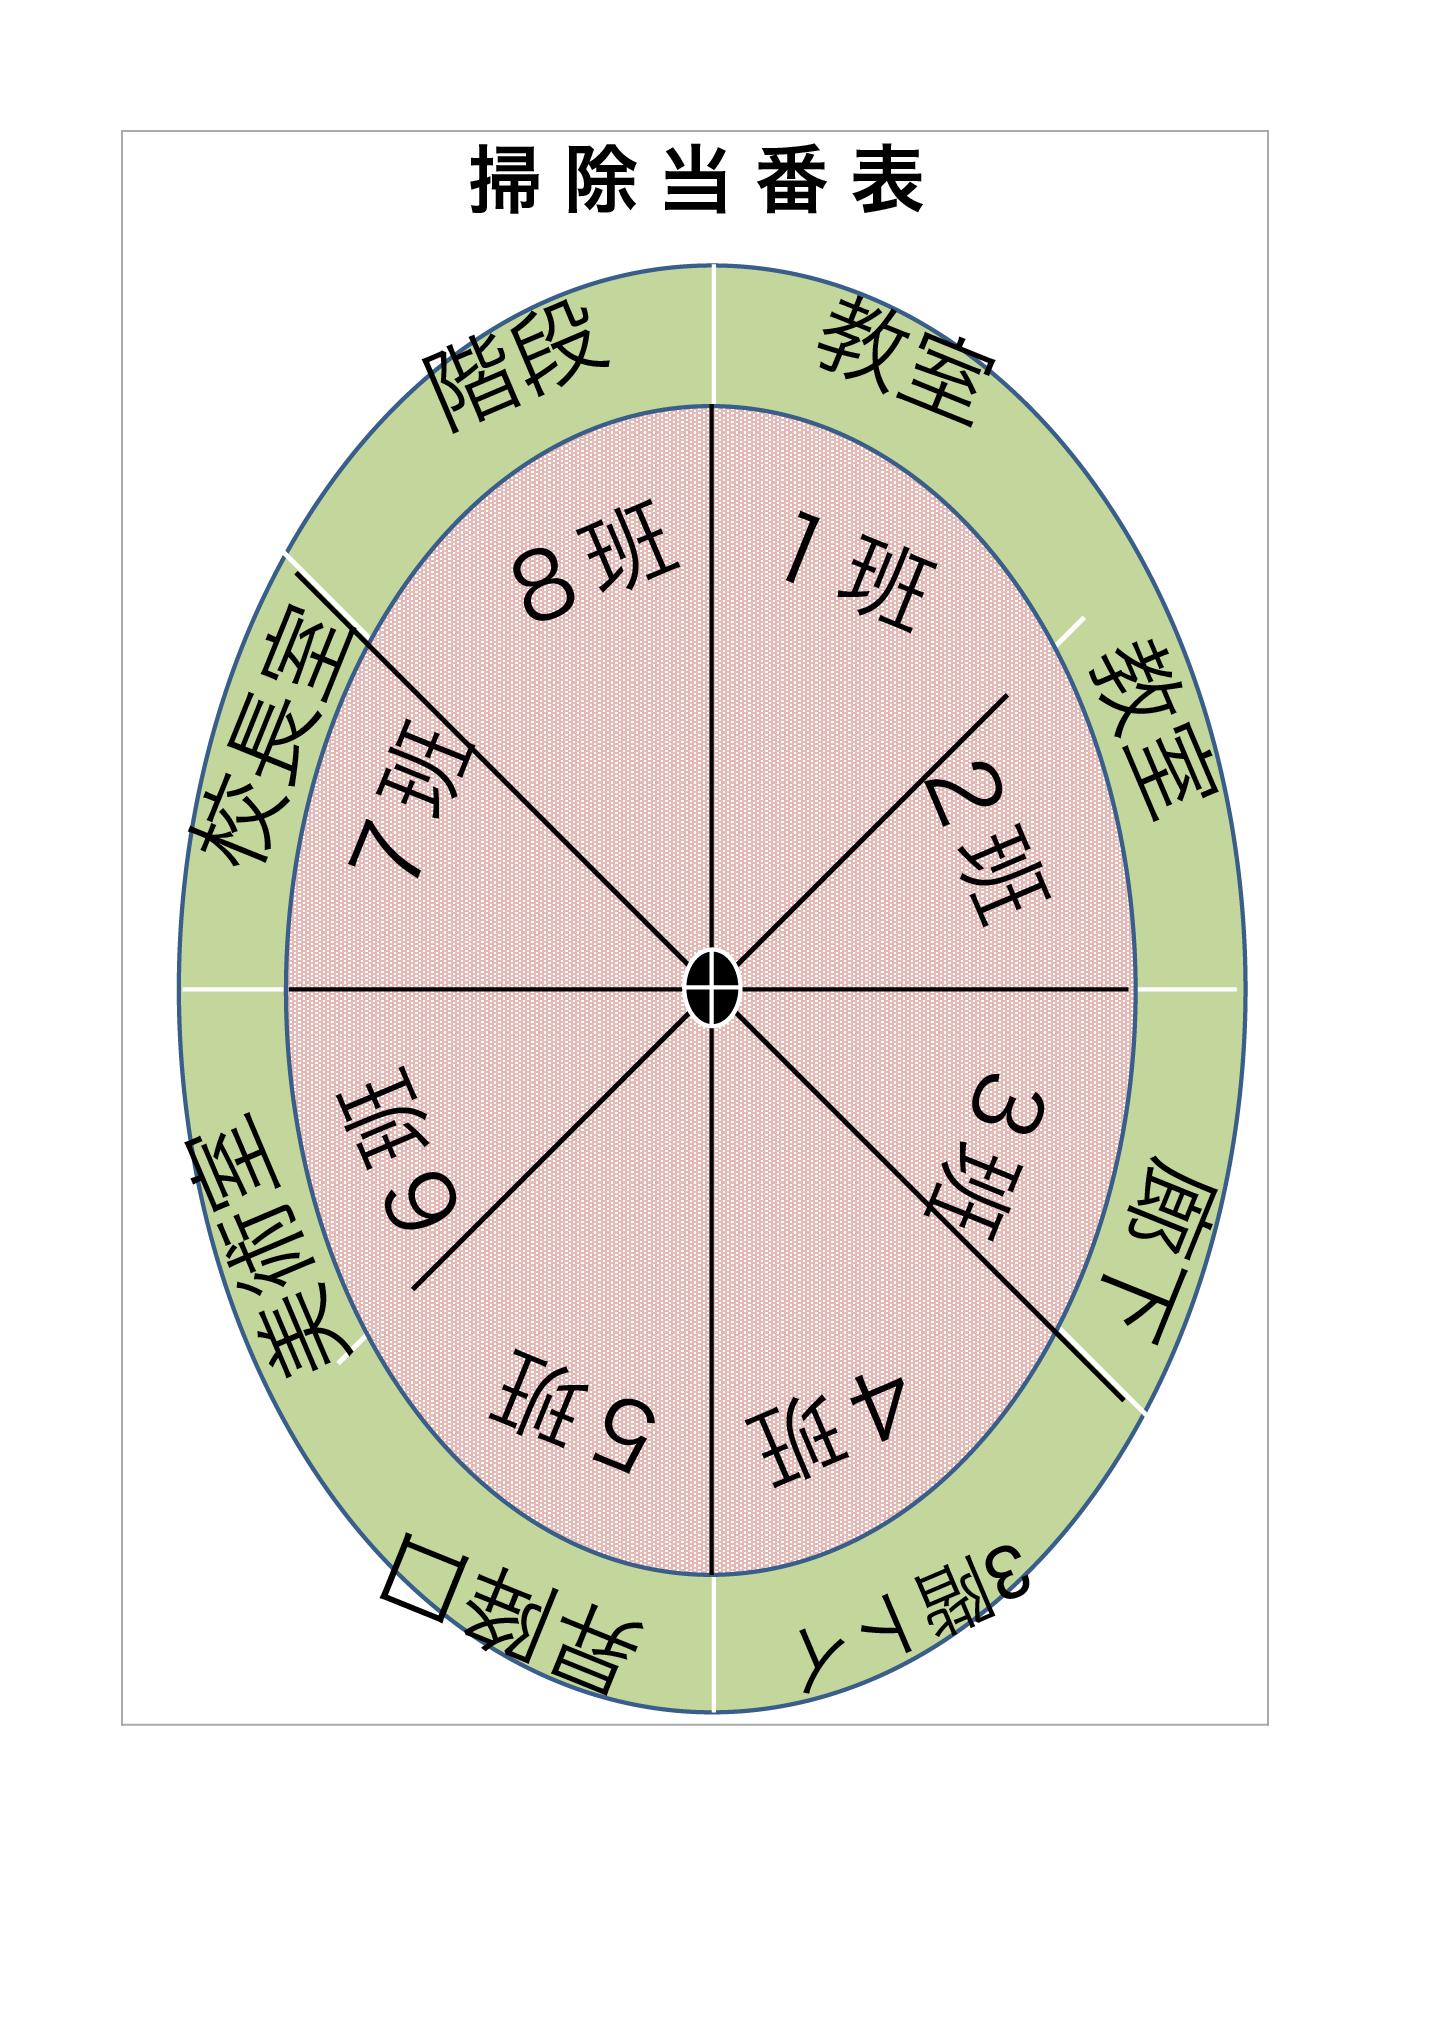 掃除当番表_円グラフ(エクセル・ナンバーズ)